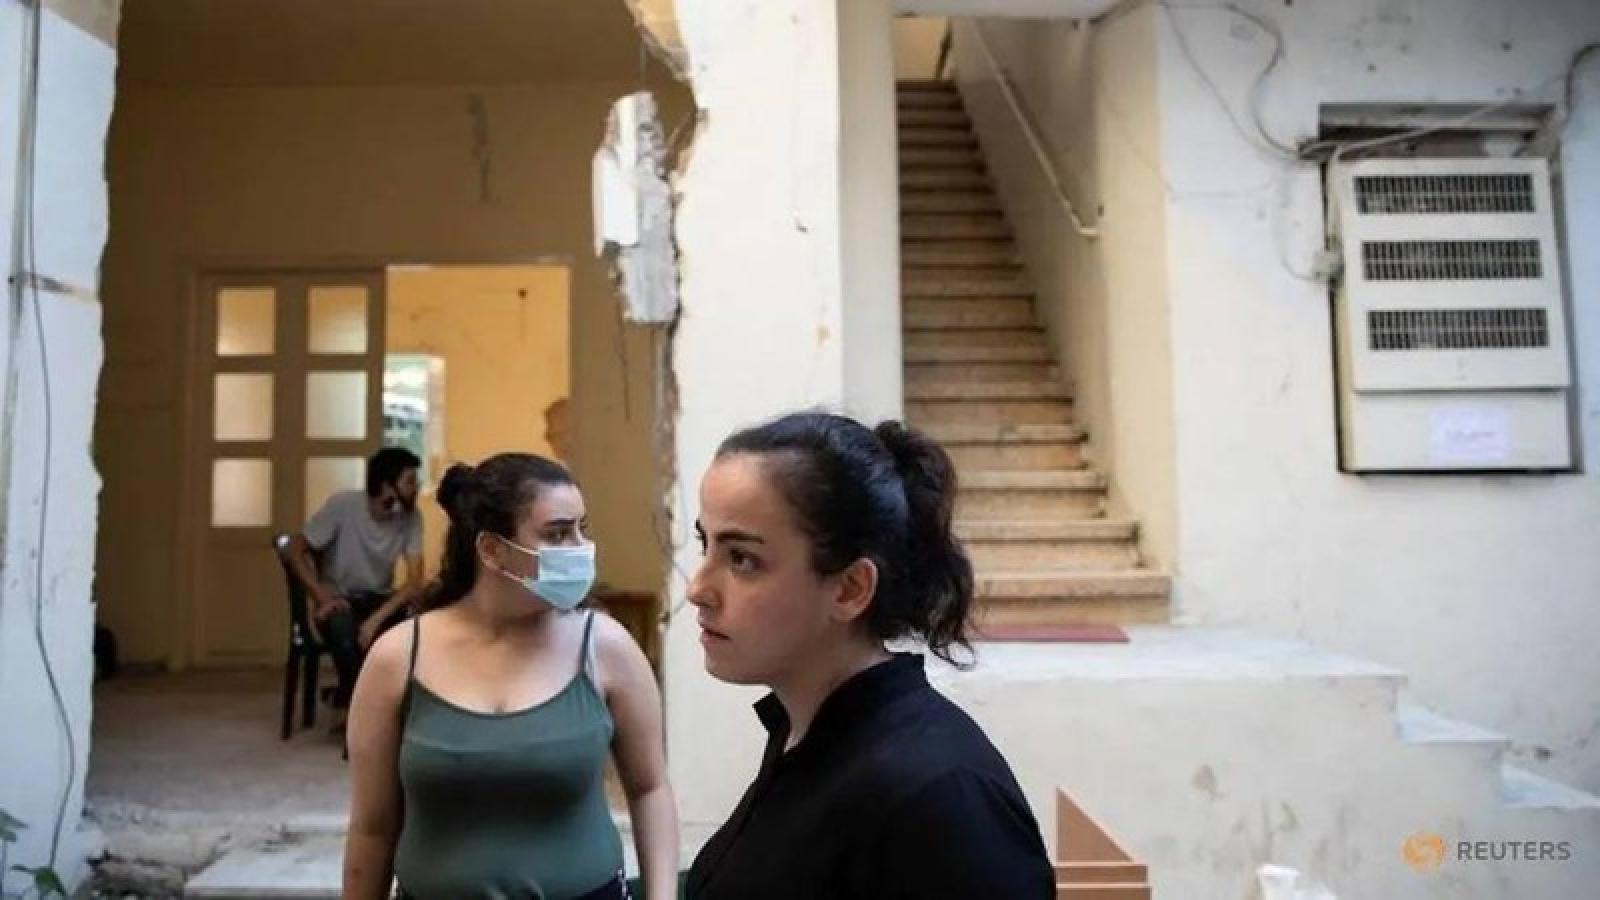 Người dân Beirut đối mặt với khủng hoảng sức khỏe tâm thần sau vụ nổ kinh hoàng